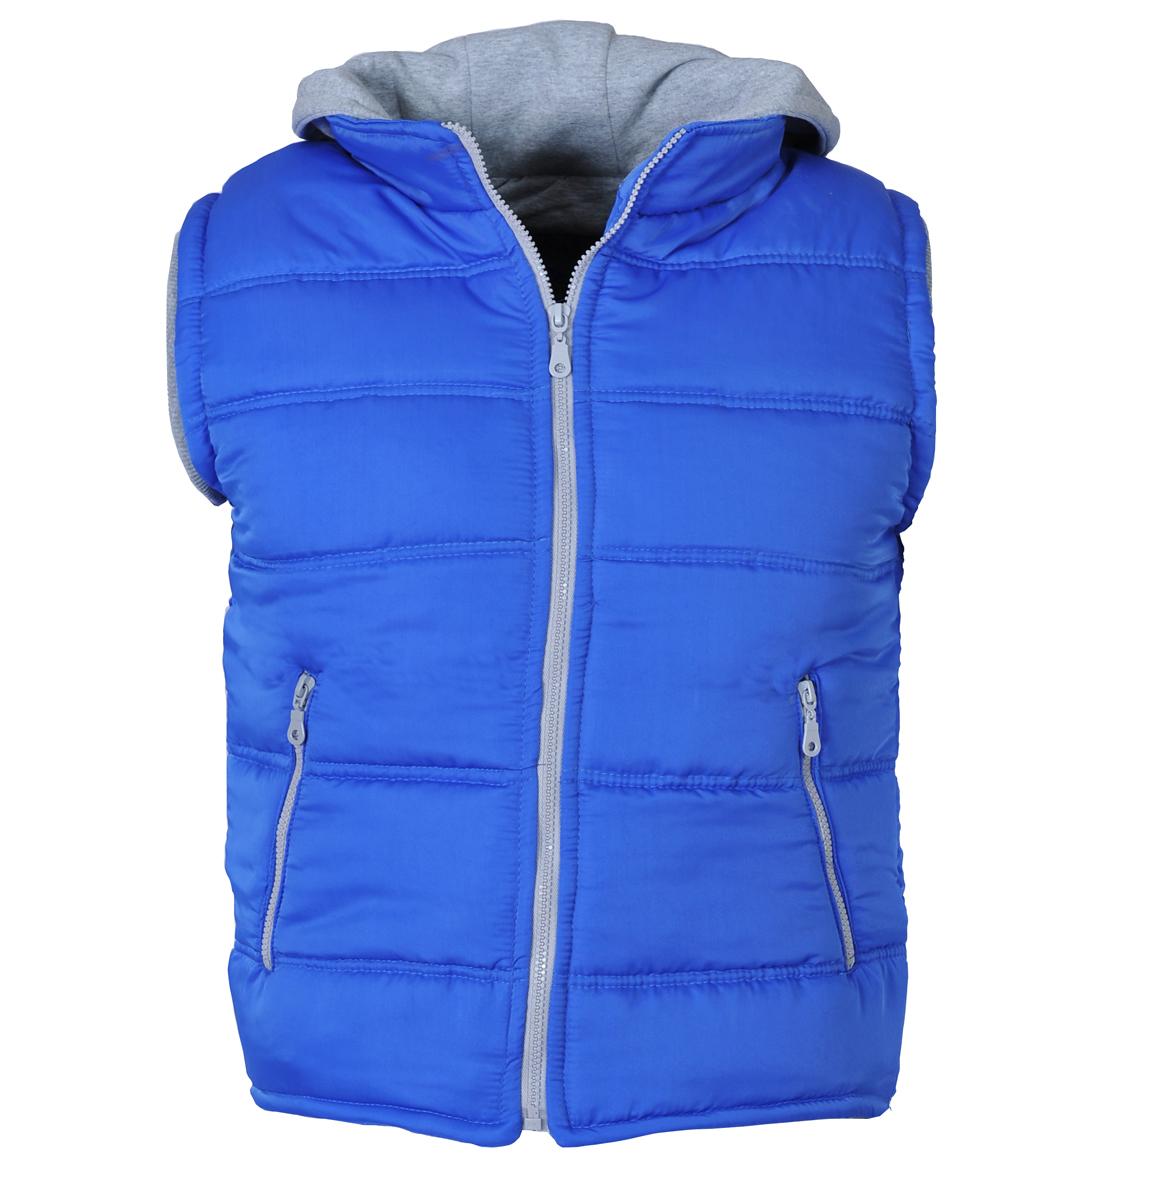 Ανδρικό Αμάνικο Μπουφάν So Fashion-Μπλε αρχική ανδρικά ρούχα μπουφάν